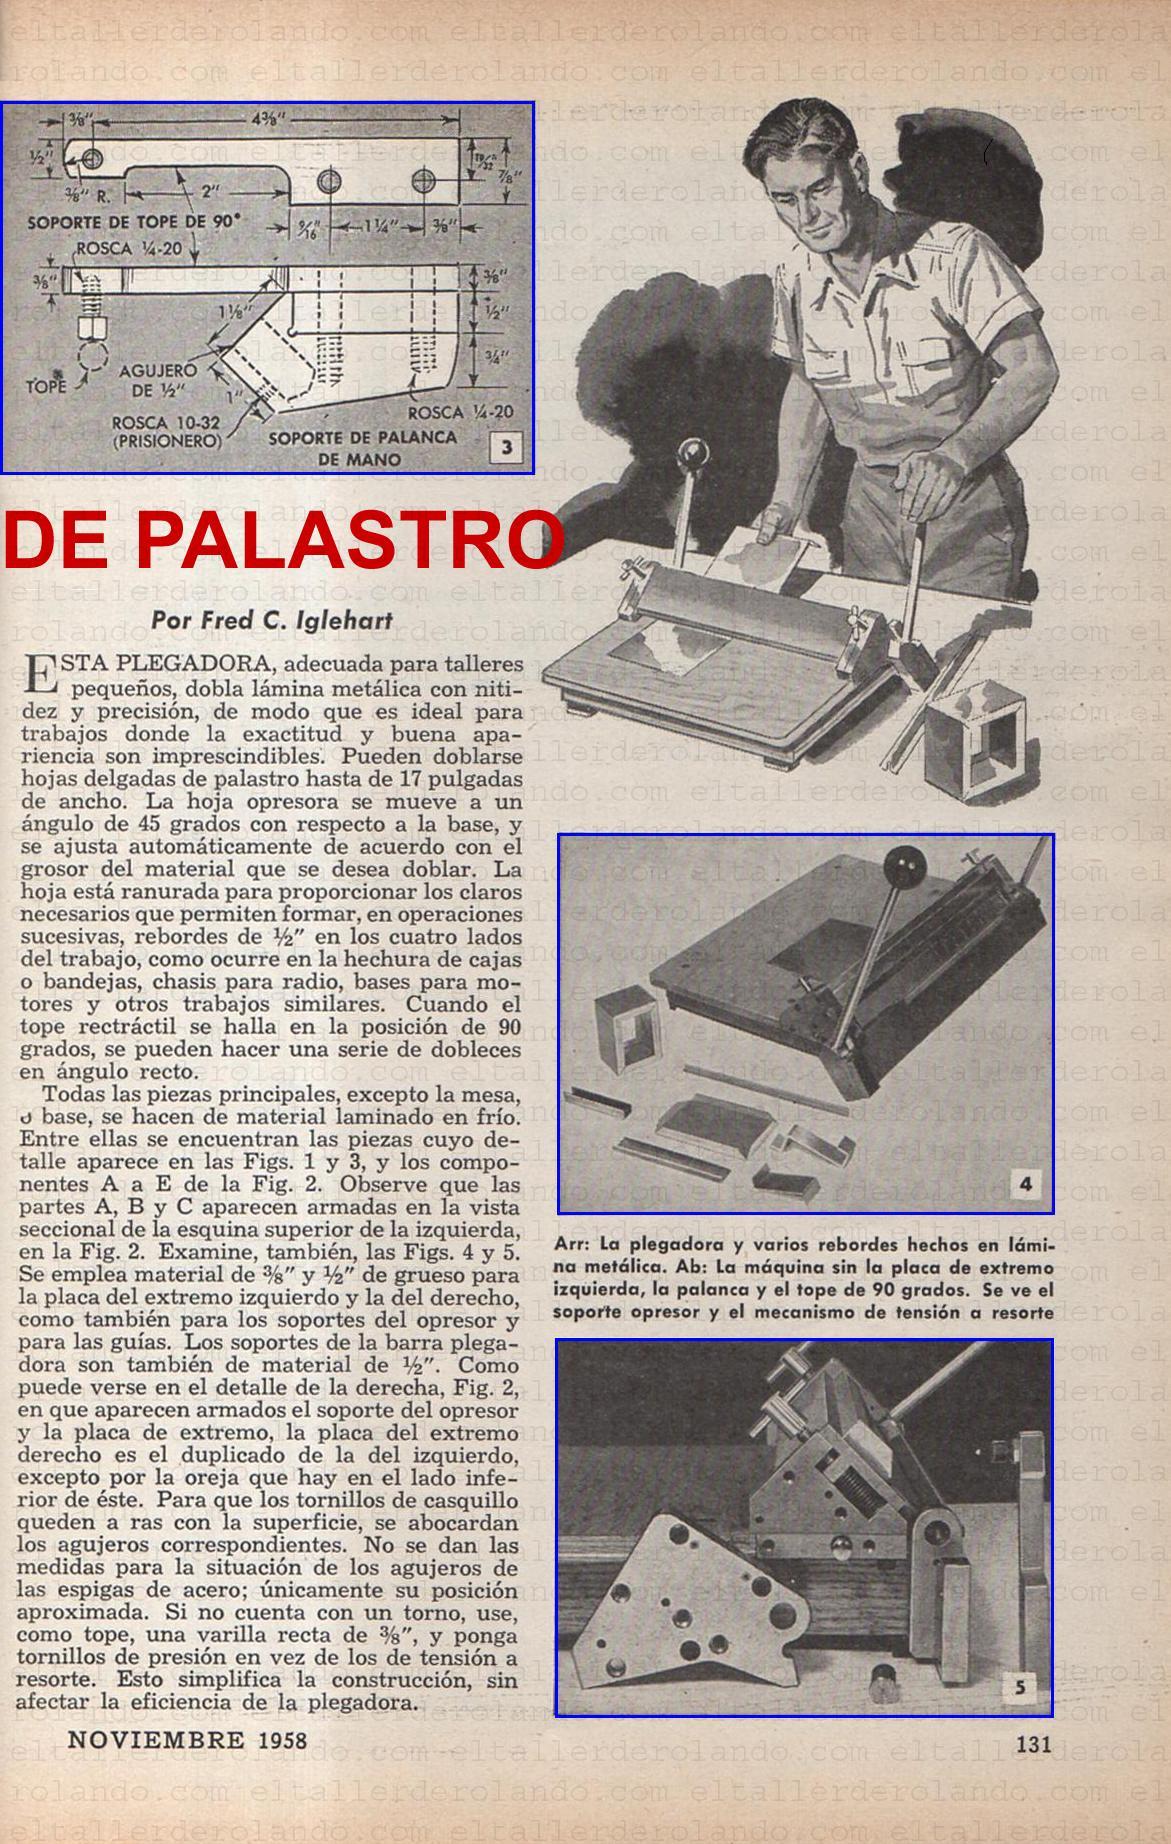 HAGA-ESTA-PLEGADORA-DE-PALASTRO2